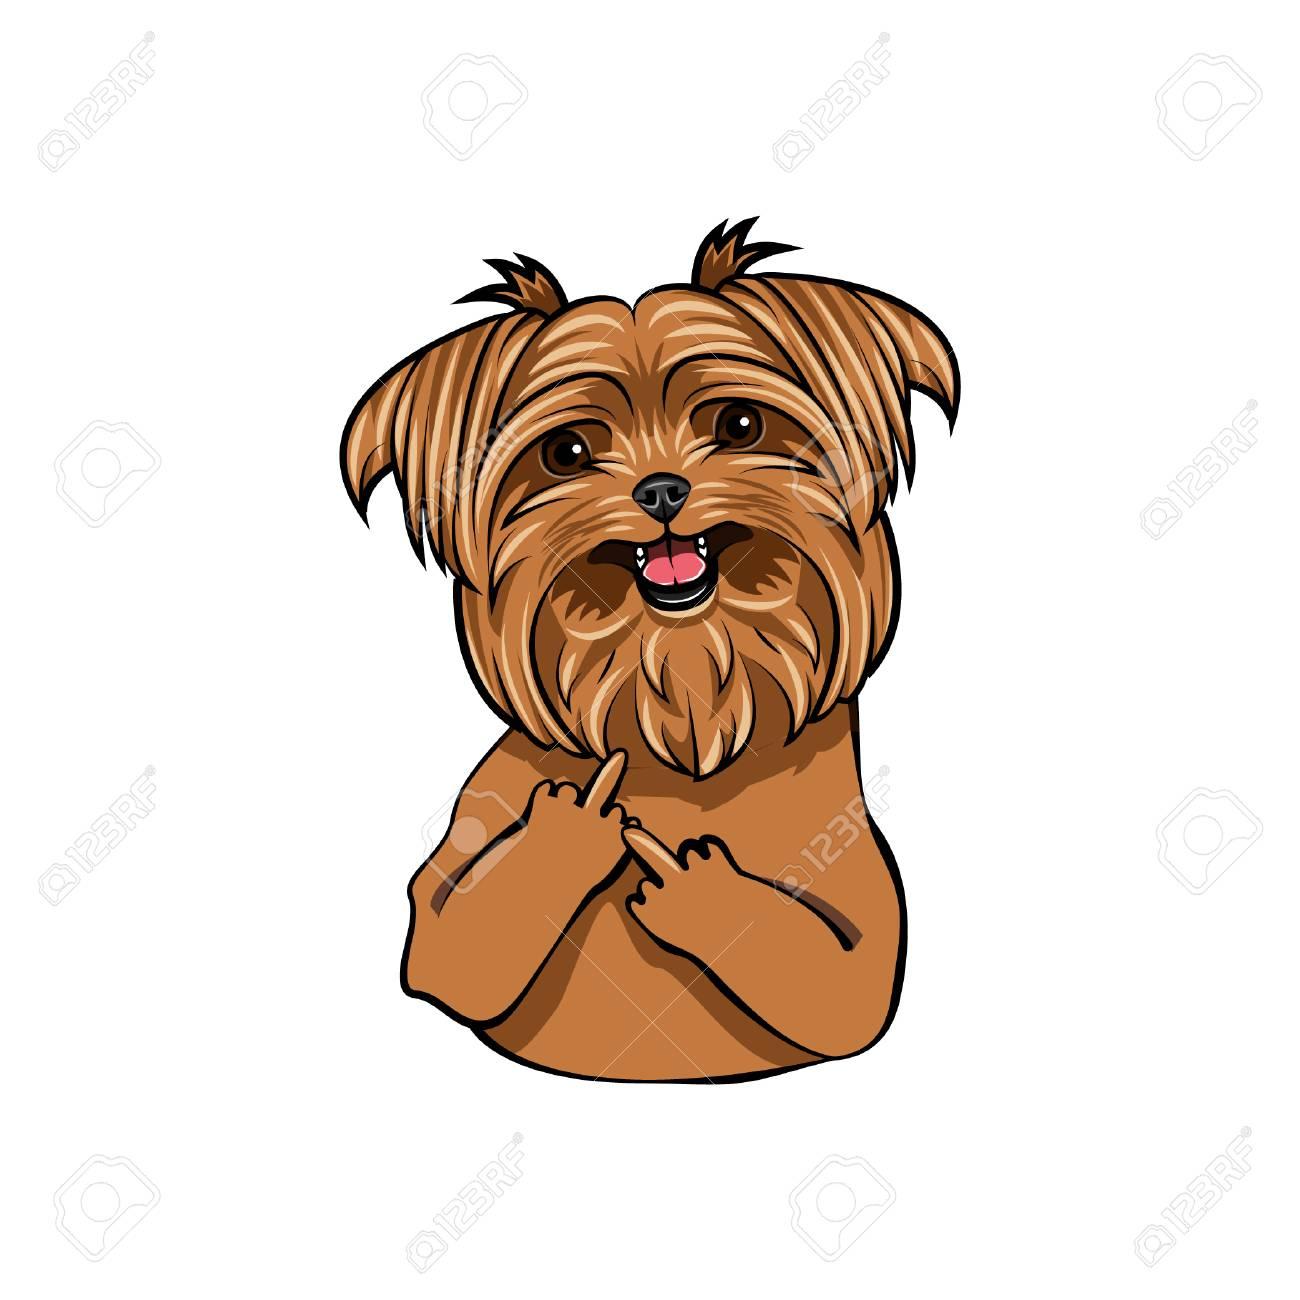 Yorkshire Terrier Dog Middle Finger Gesture Vector Illustration